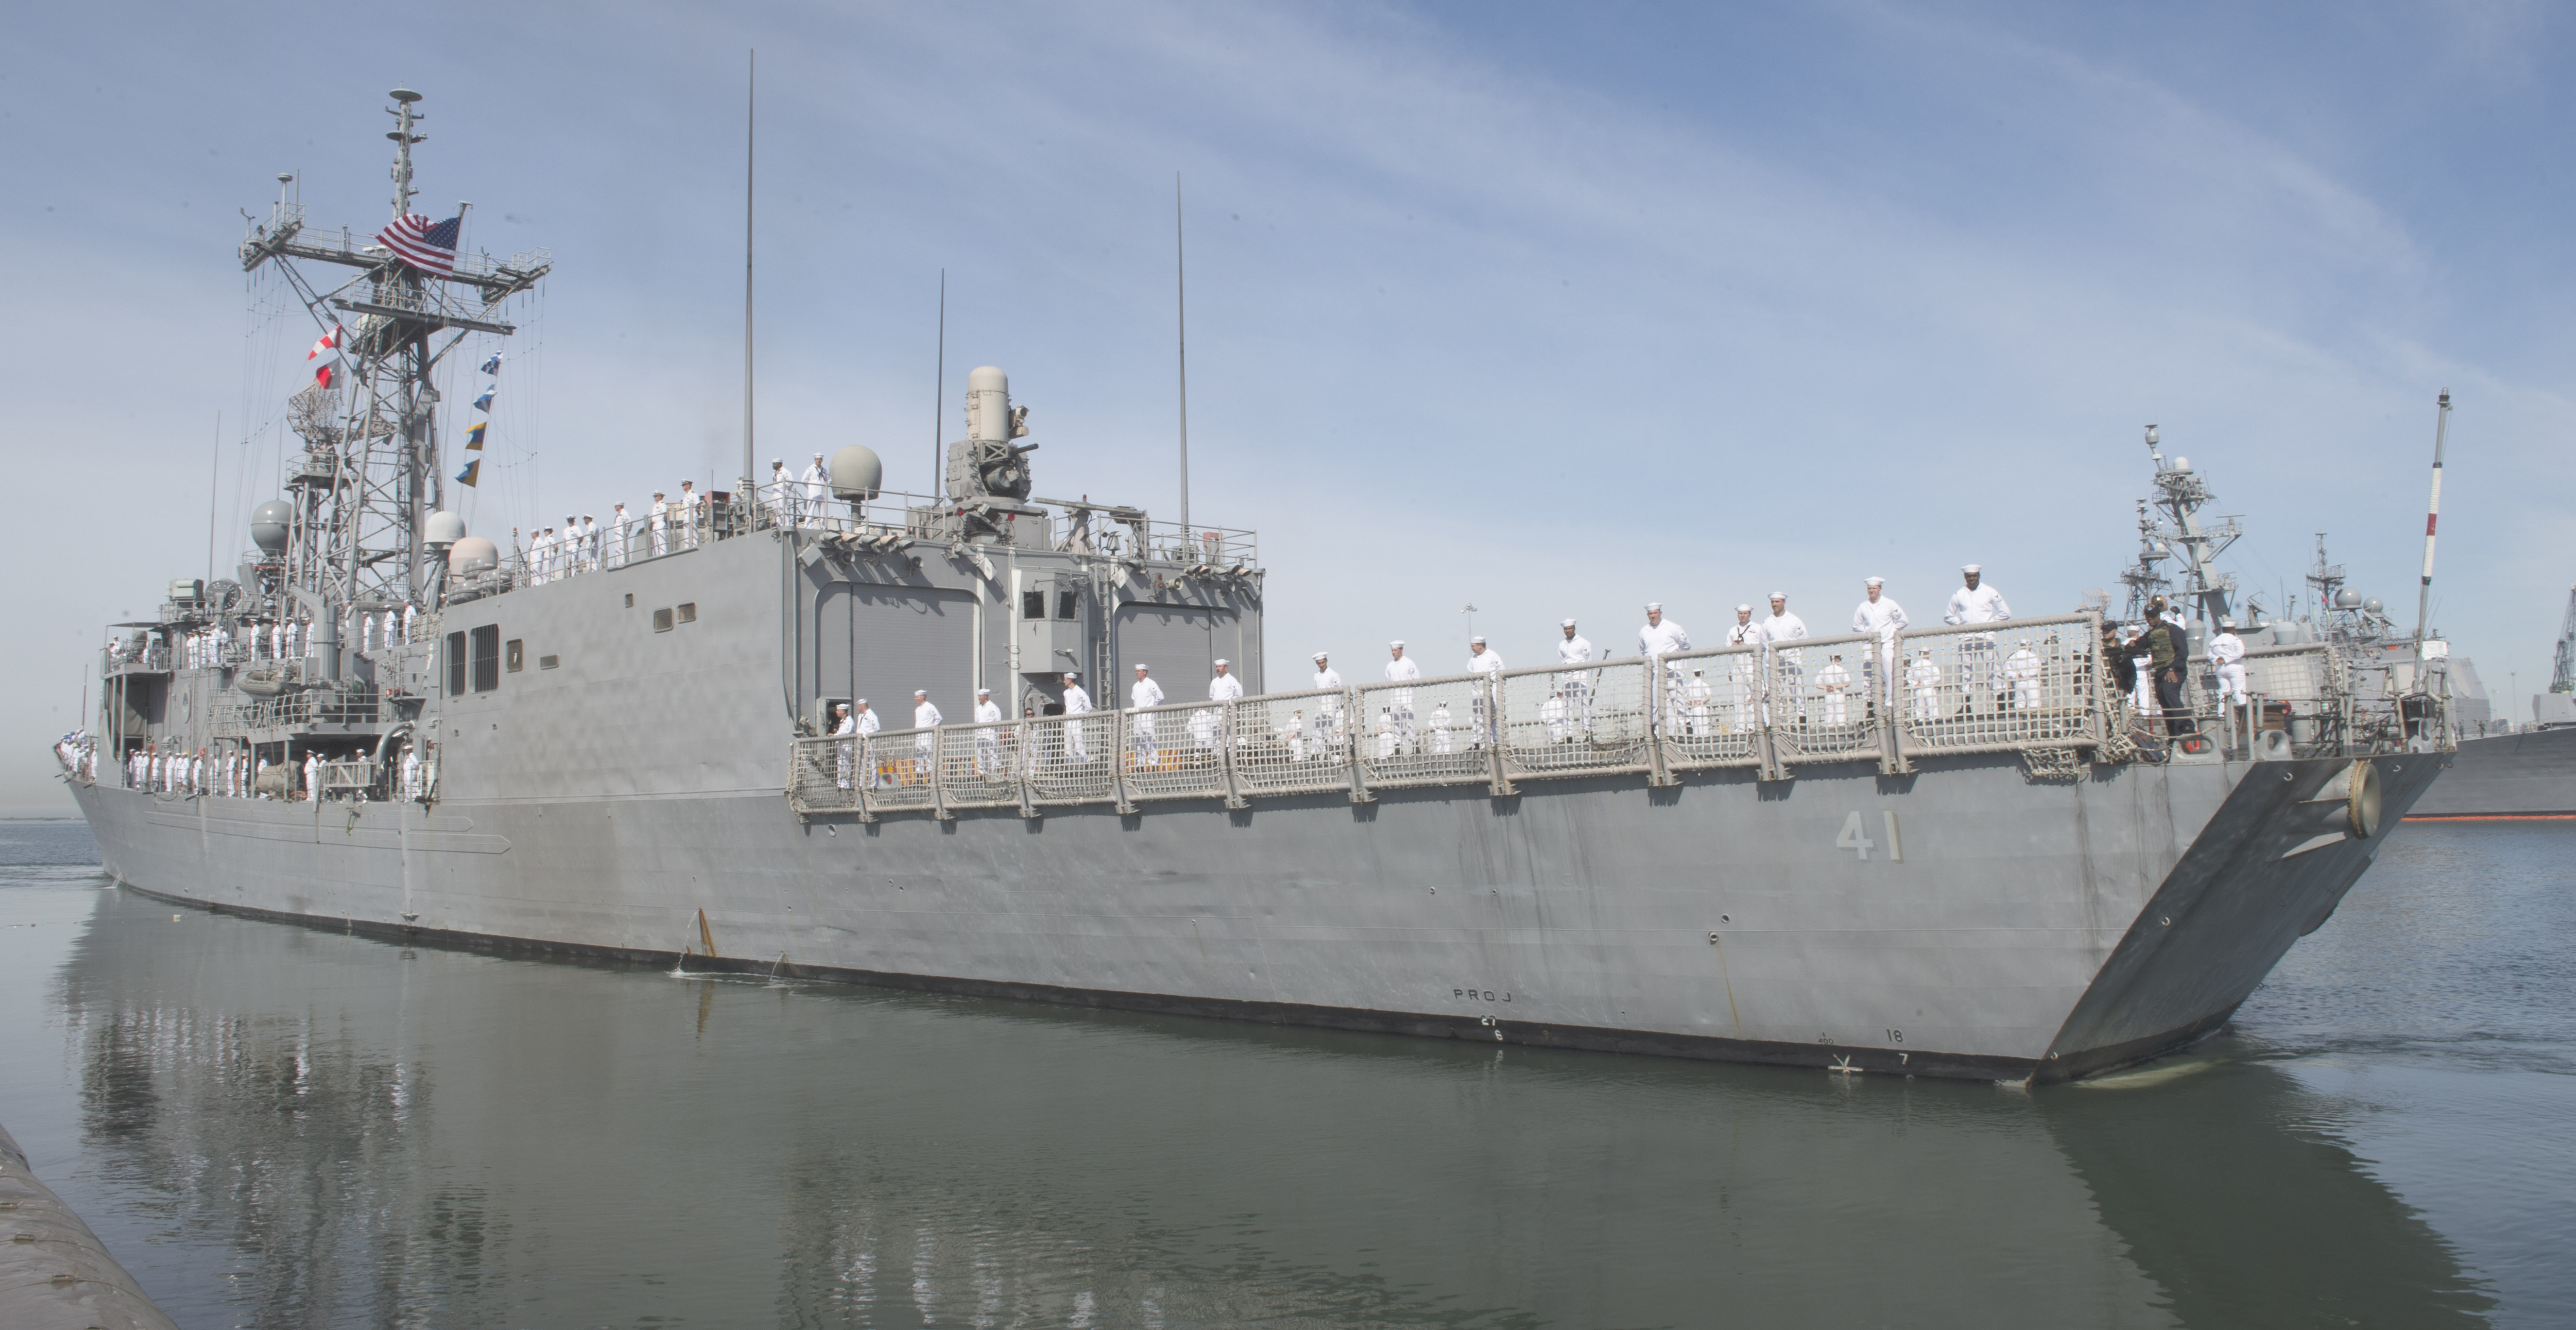 USS McCLUSKY FFG-41 Auslaufen San Diego am 10.04.2014 Bild: U.S. Navy